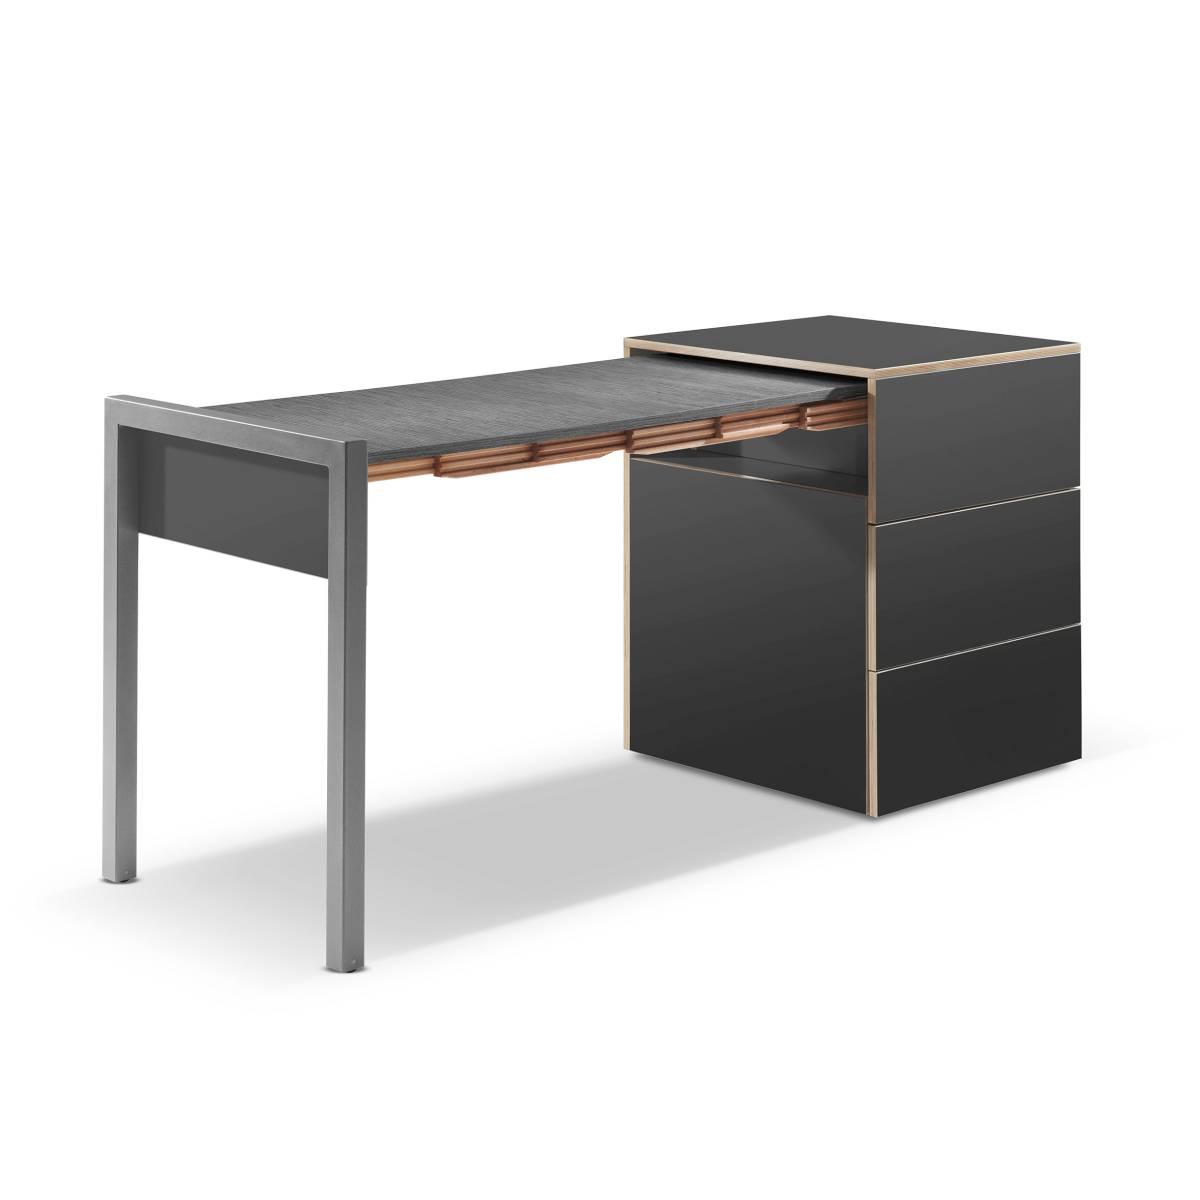 ALWIN ausziehbarer Tisch anthrazit, Platte Orfeo dunkel, Tisch nach links